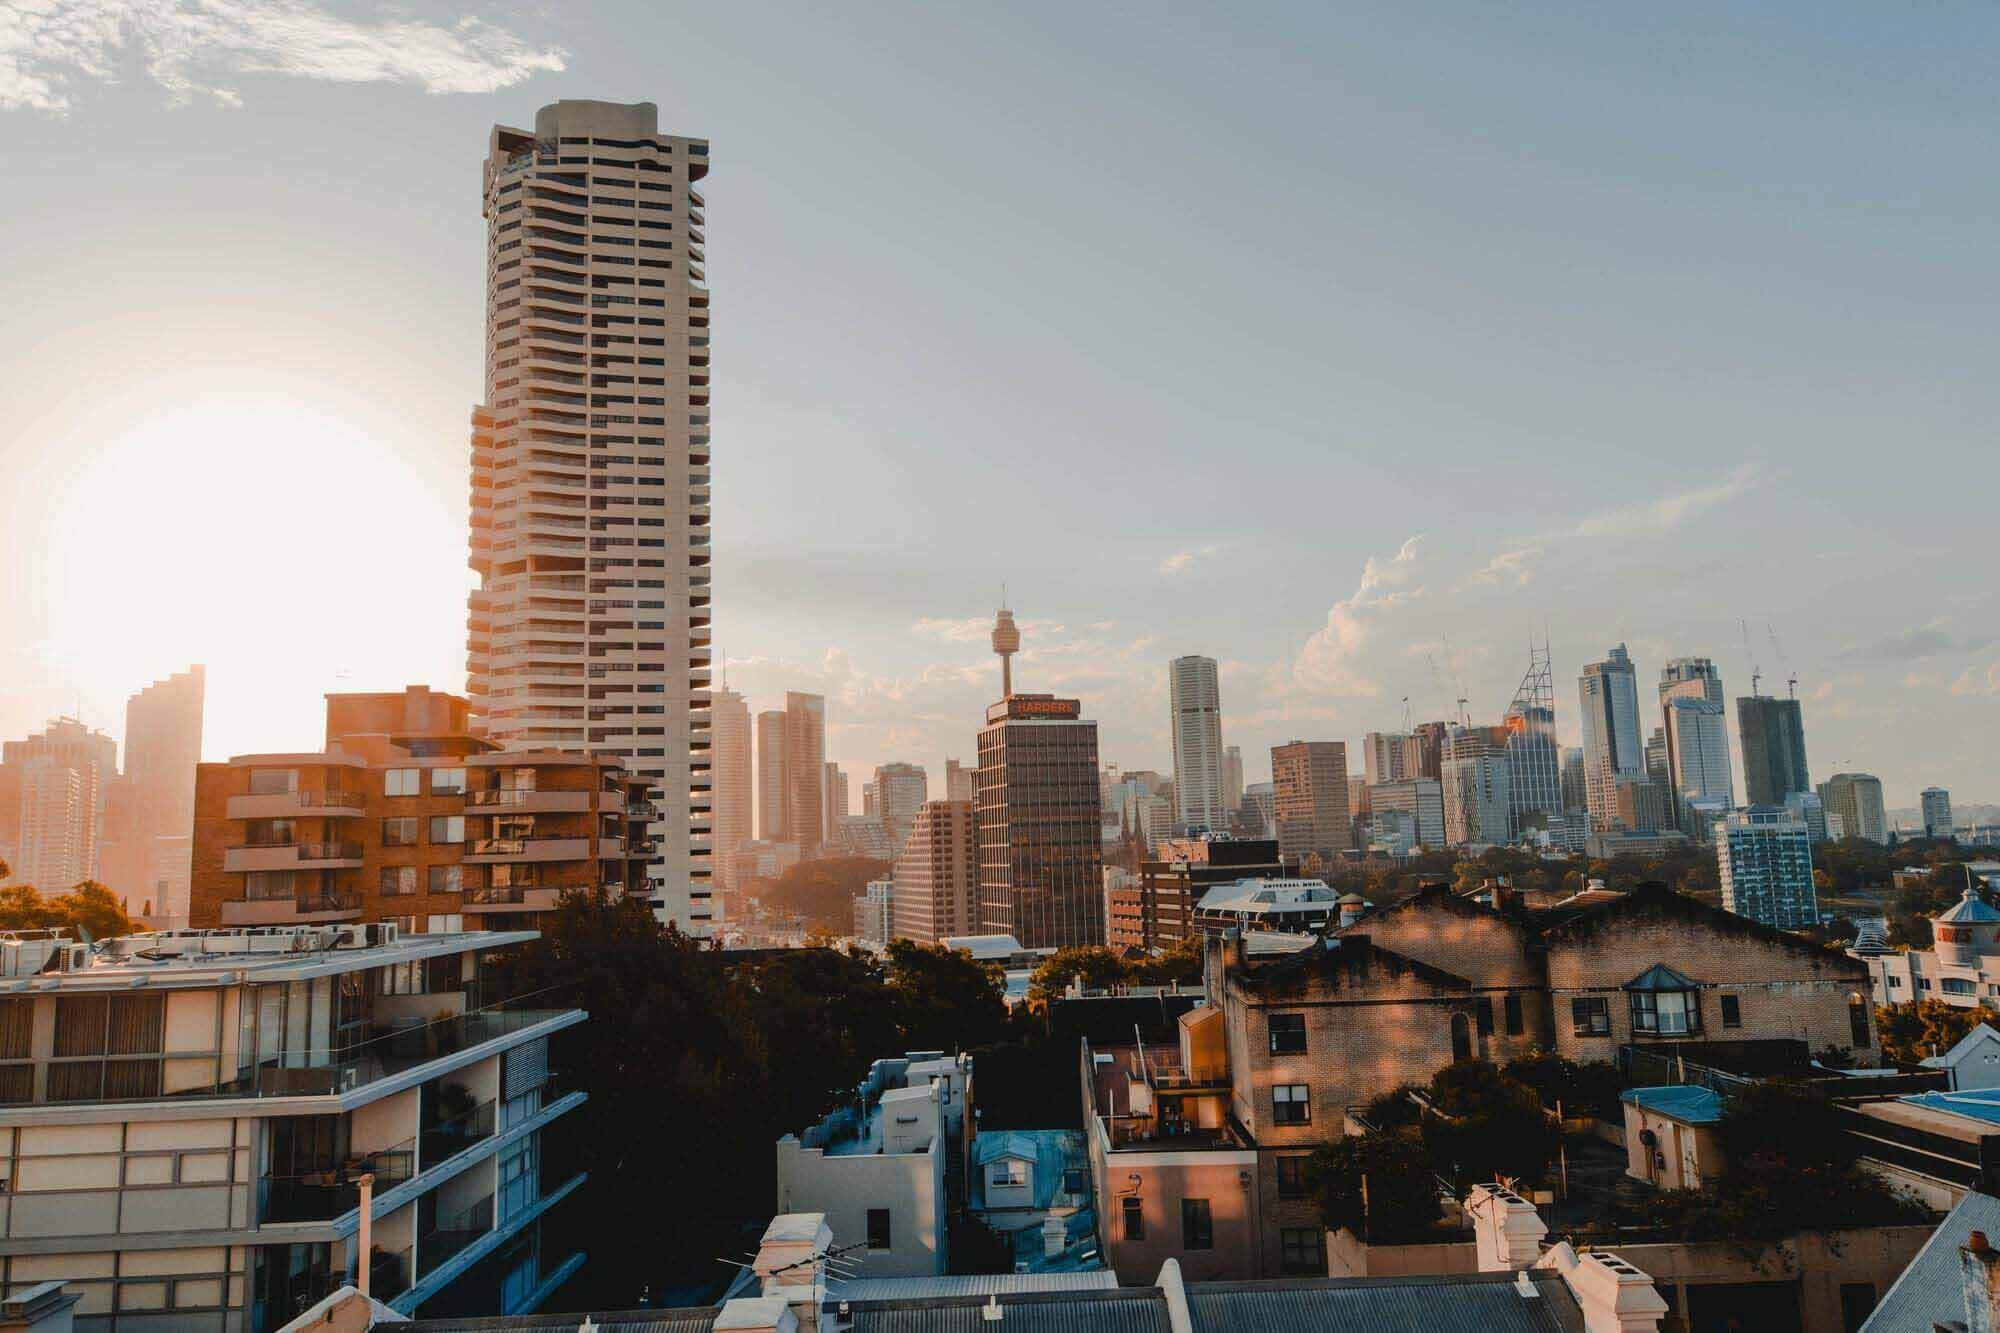 Города принимают новые меры по смягчению последствий волн тепла